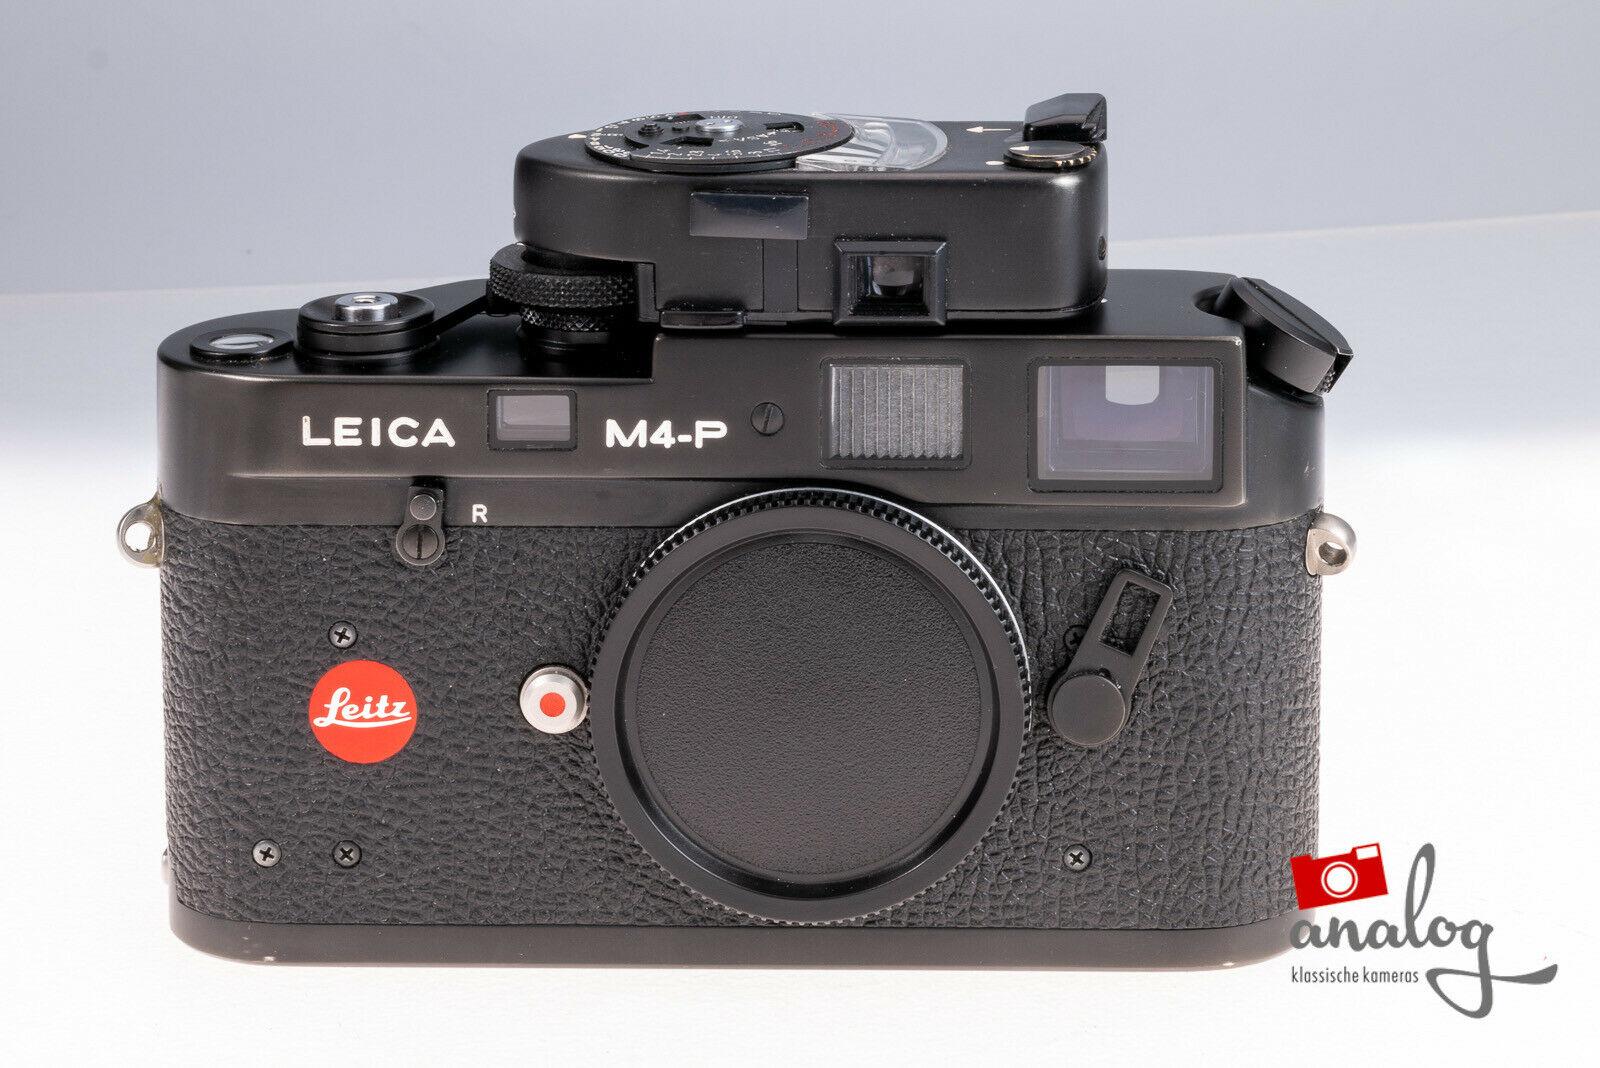 Leica M4-P mit LeicaMeter MR schwarz - werkstattüberholt